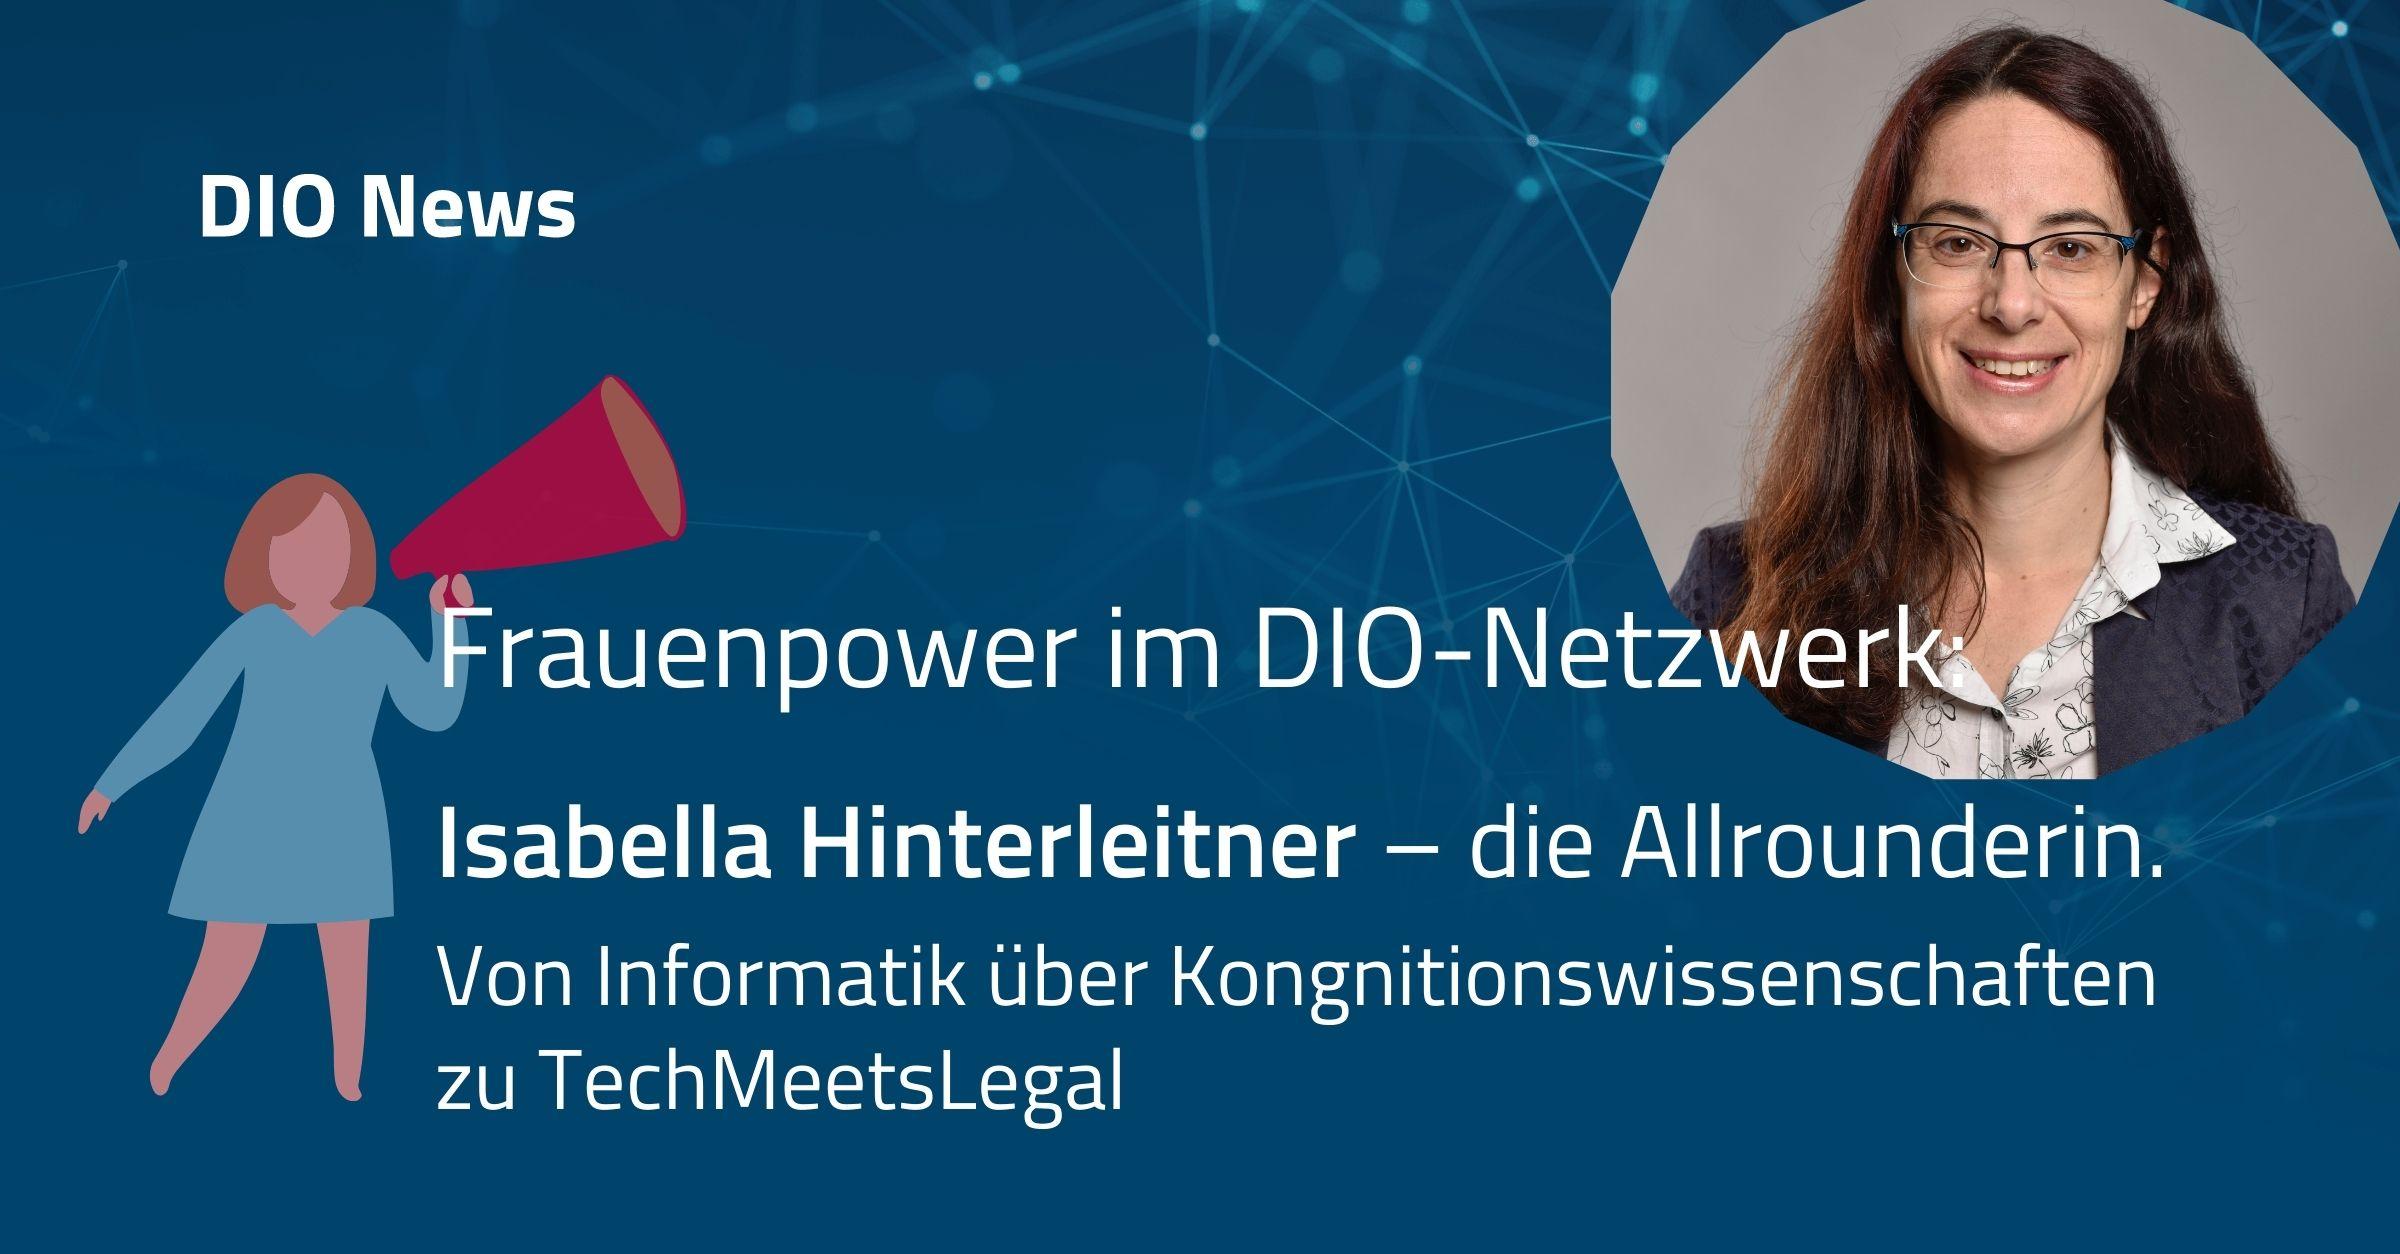 Isabella Hinterleitner – die Allrounderin.